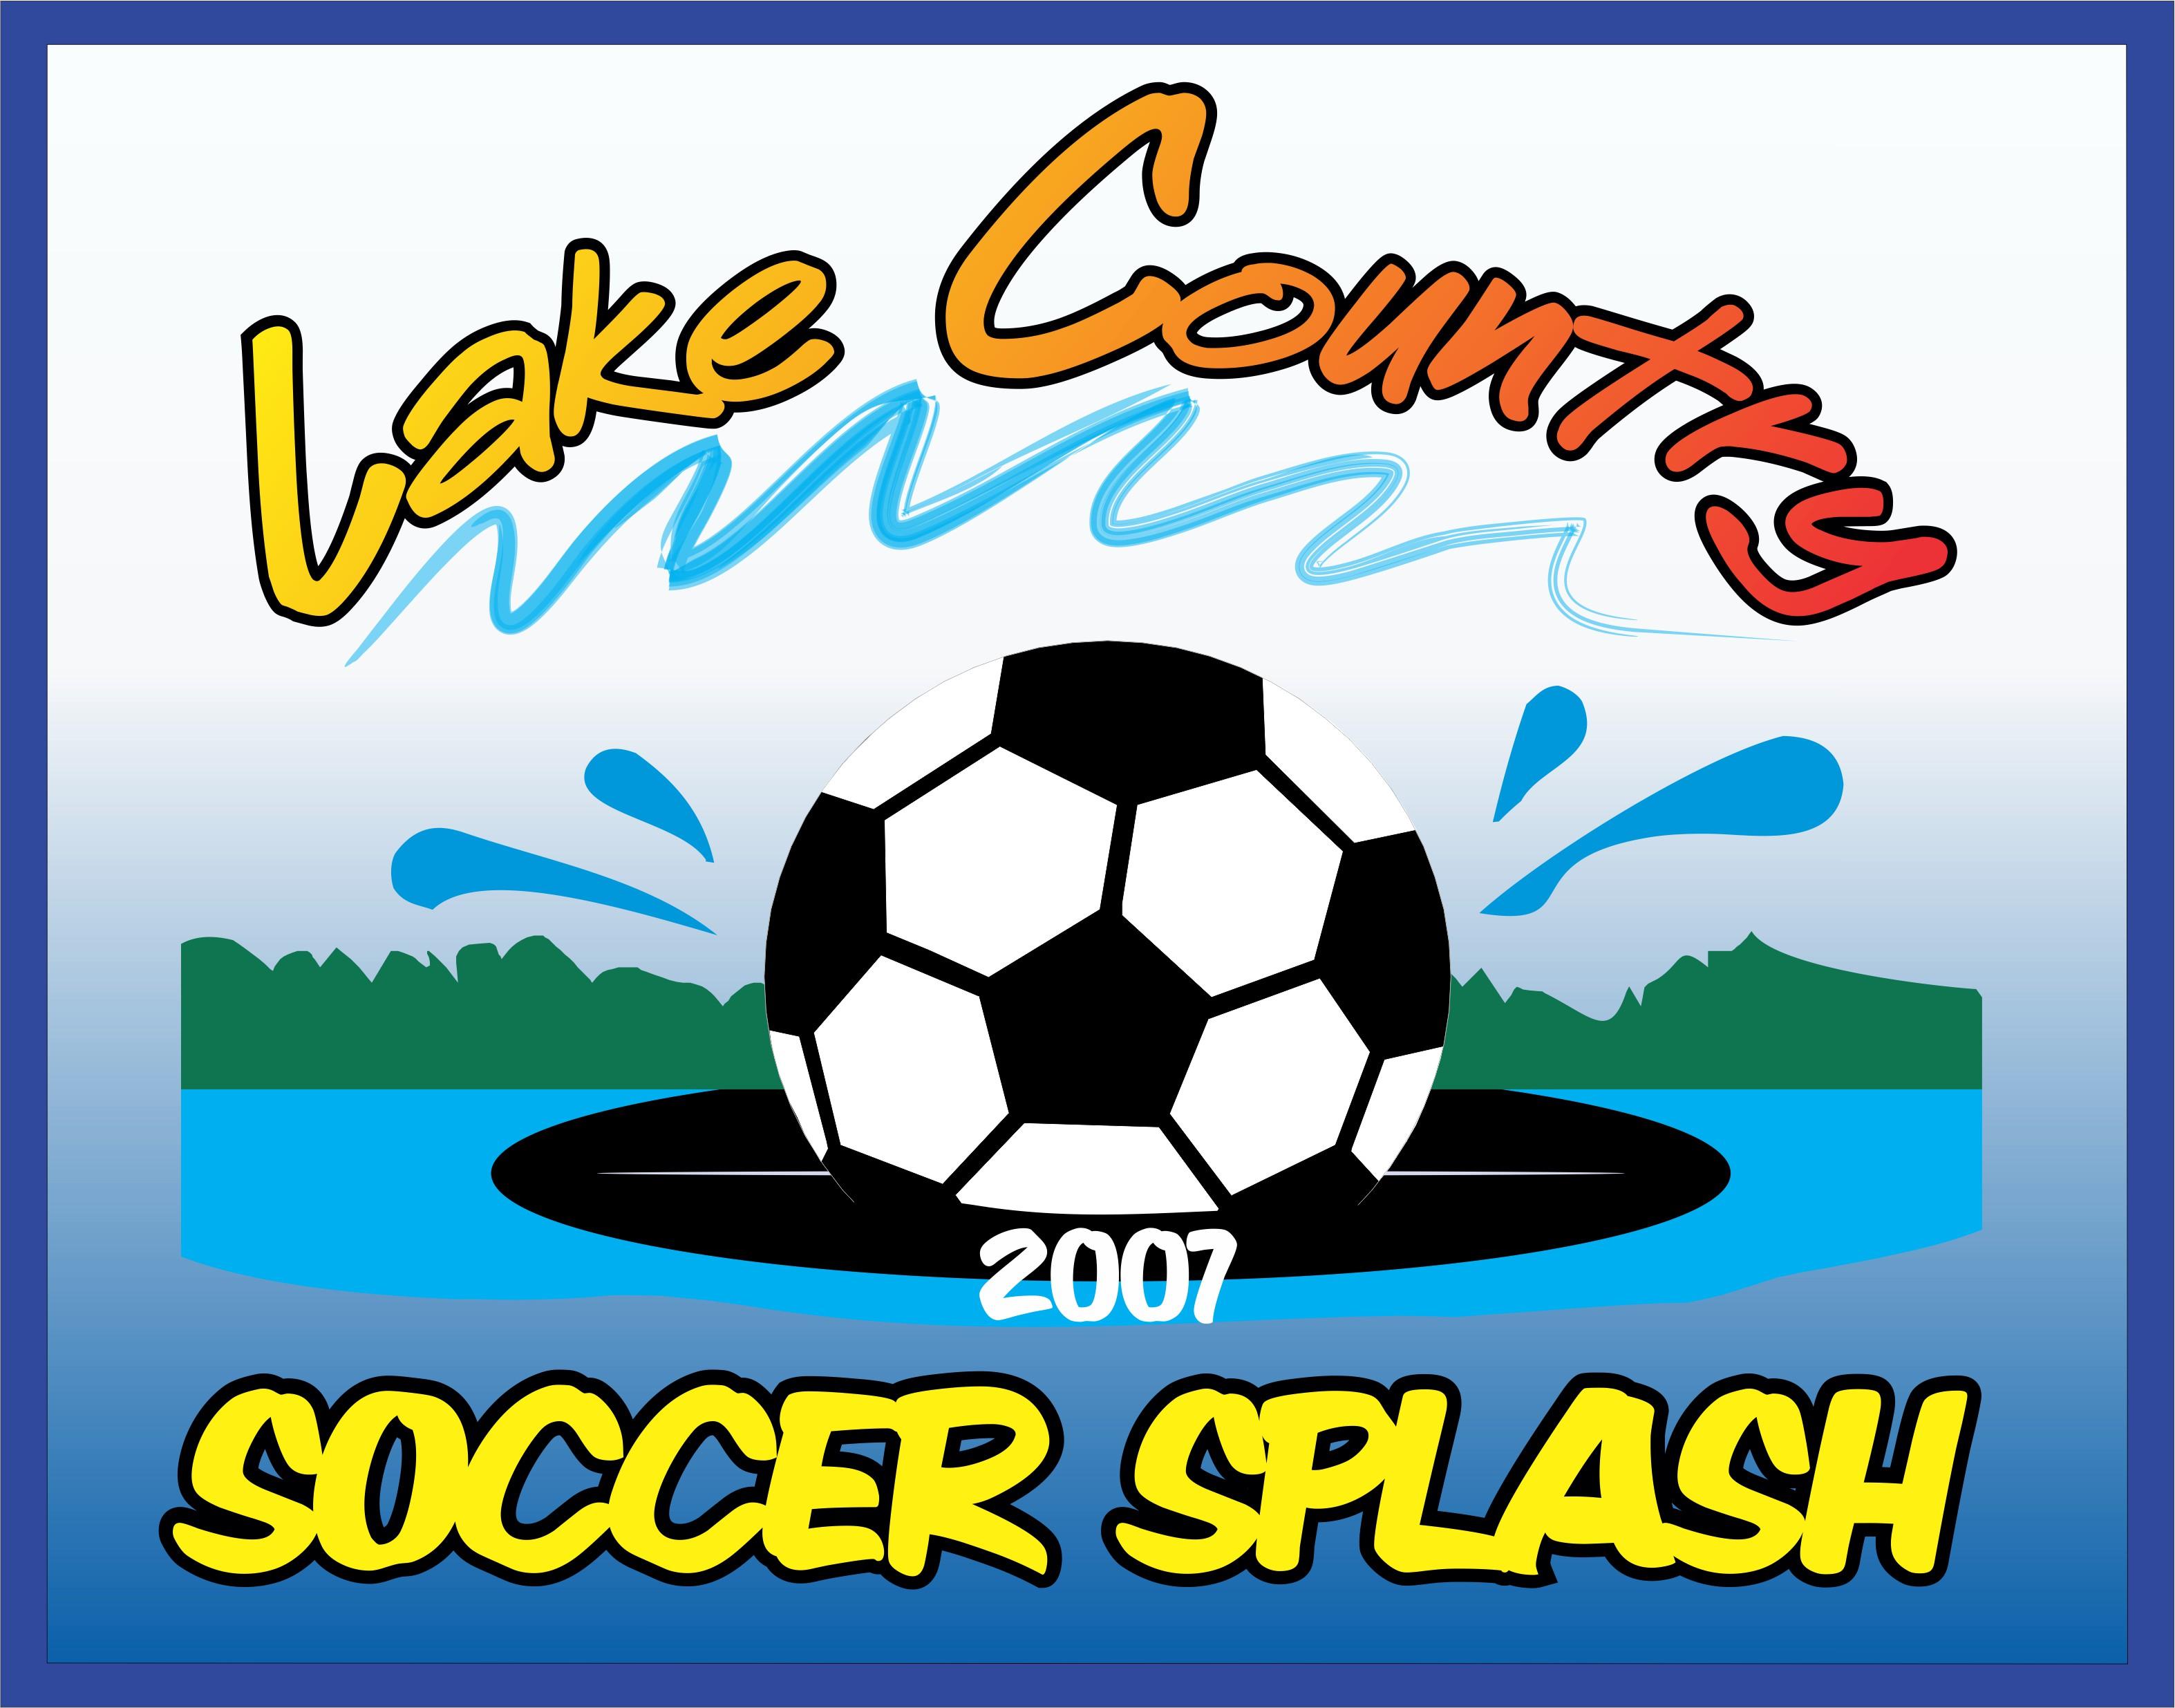 Soccer Splash logo.jpg